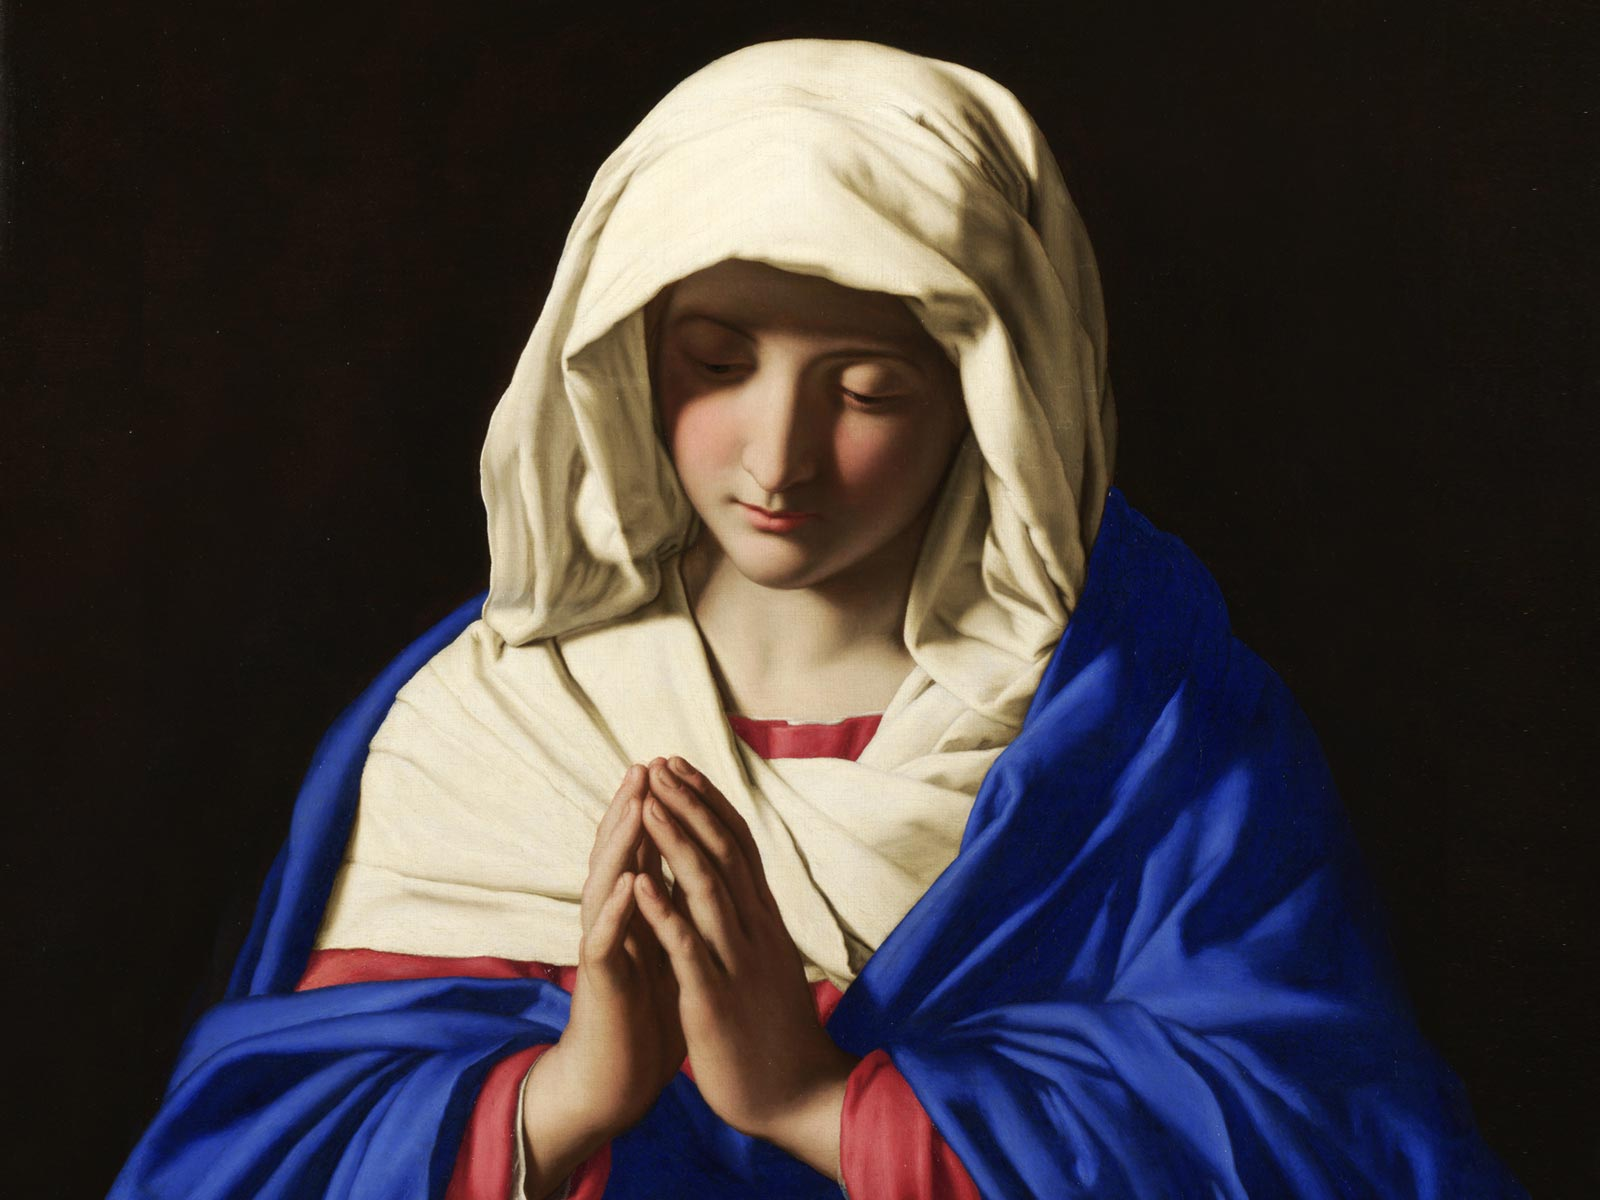 O Mundo Inteiro Espera A Resposta De Maria: Reflita Sobre O Modelo De Fé Da Jovem Virgem Maria